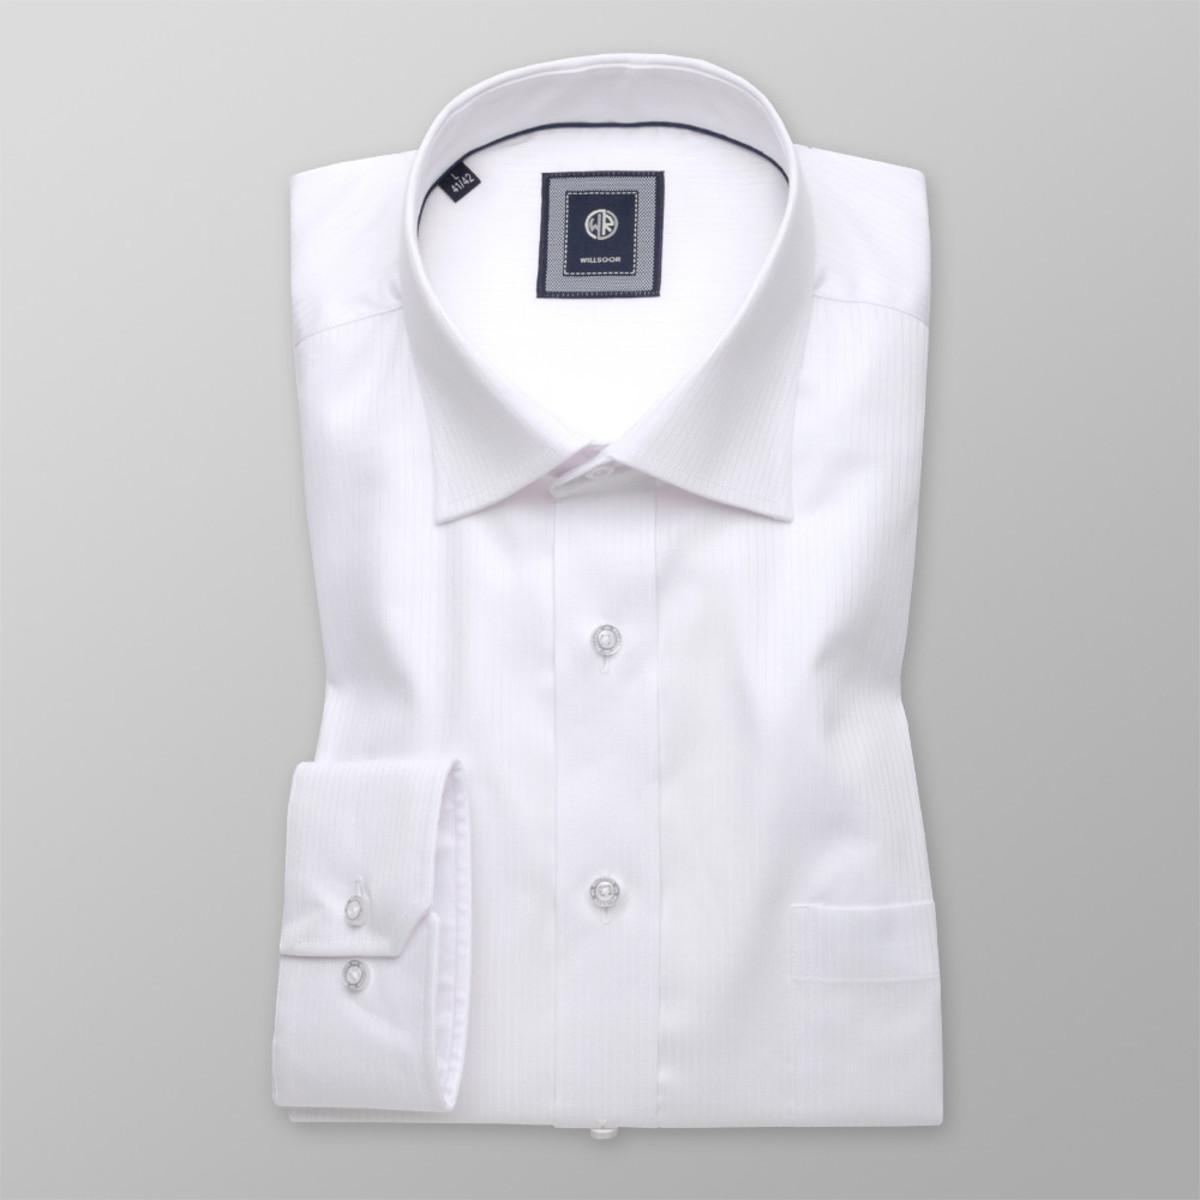 Košile London bílá jemný vzor (výška 176-182) 10395 176-182 / L (41/42)